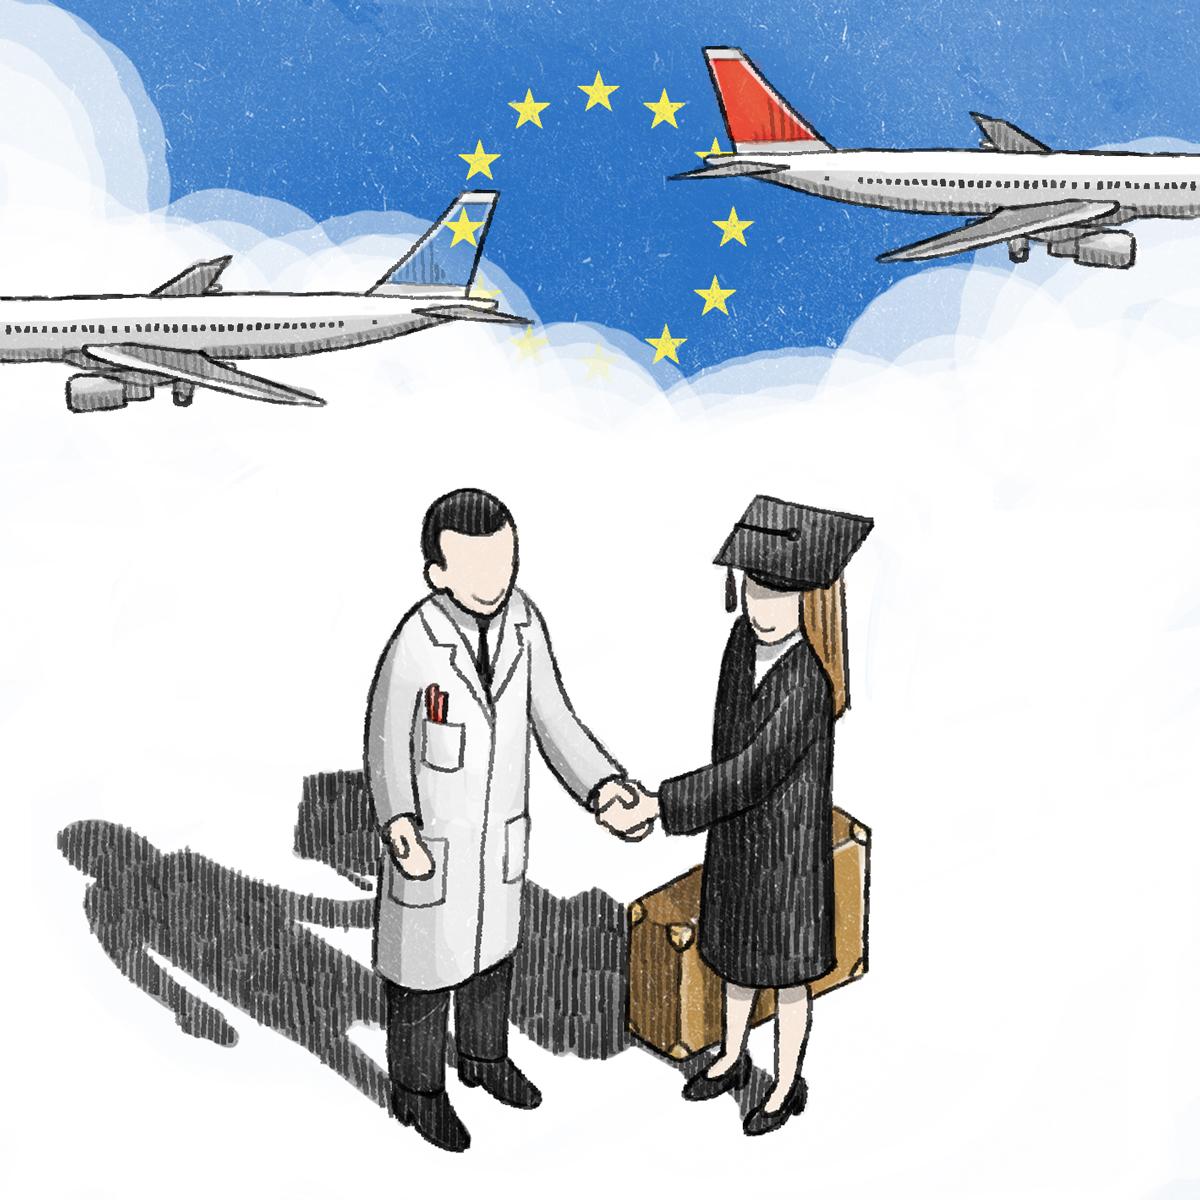 """Illustration for Campus NZZ 28/10/13 """"EU wissenschaftlicher Netzwerke"""" by Danae Diaz"""